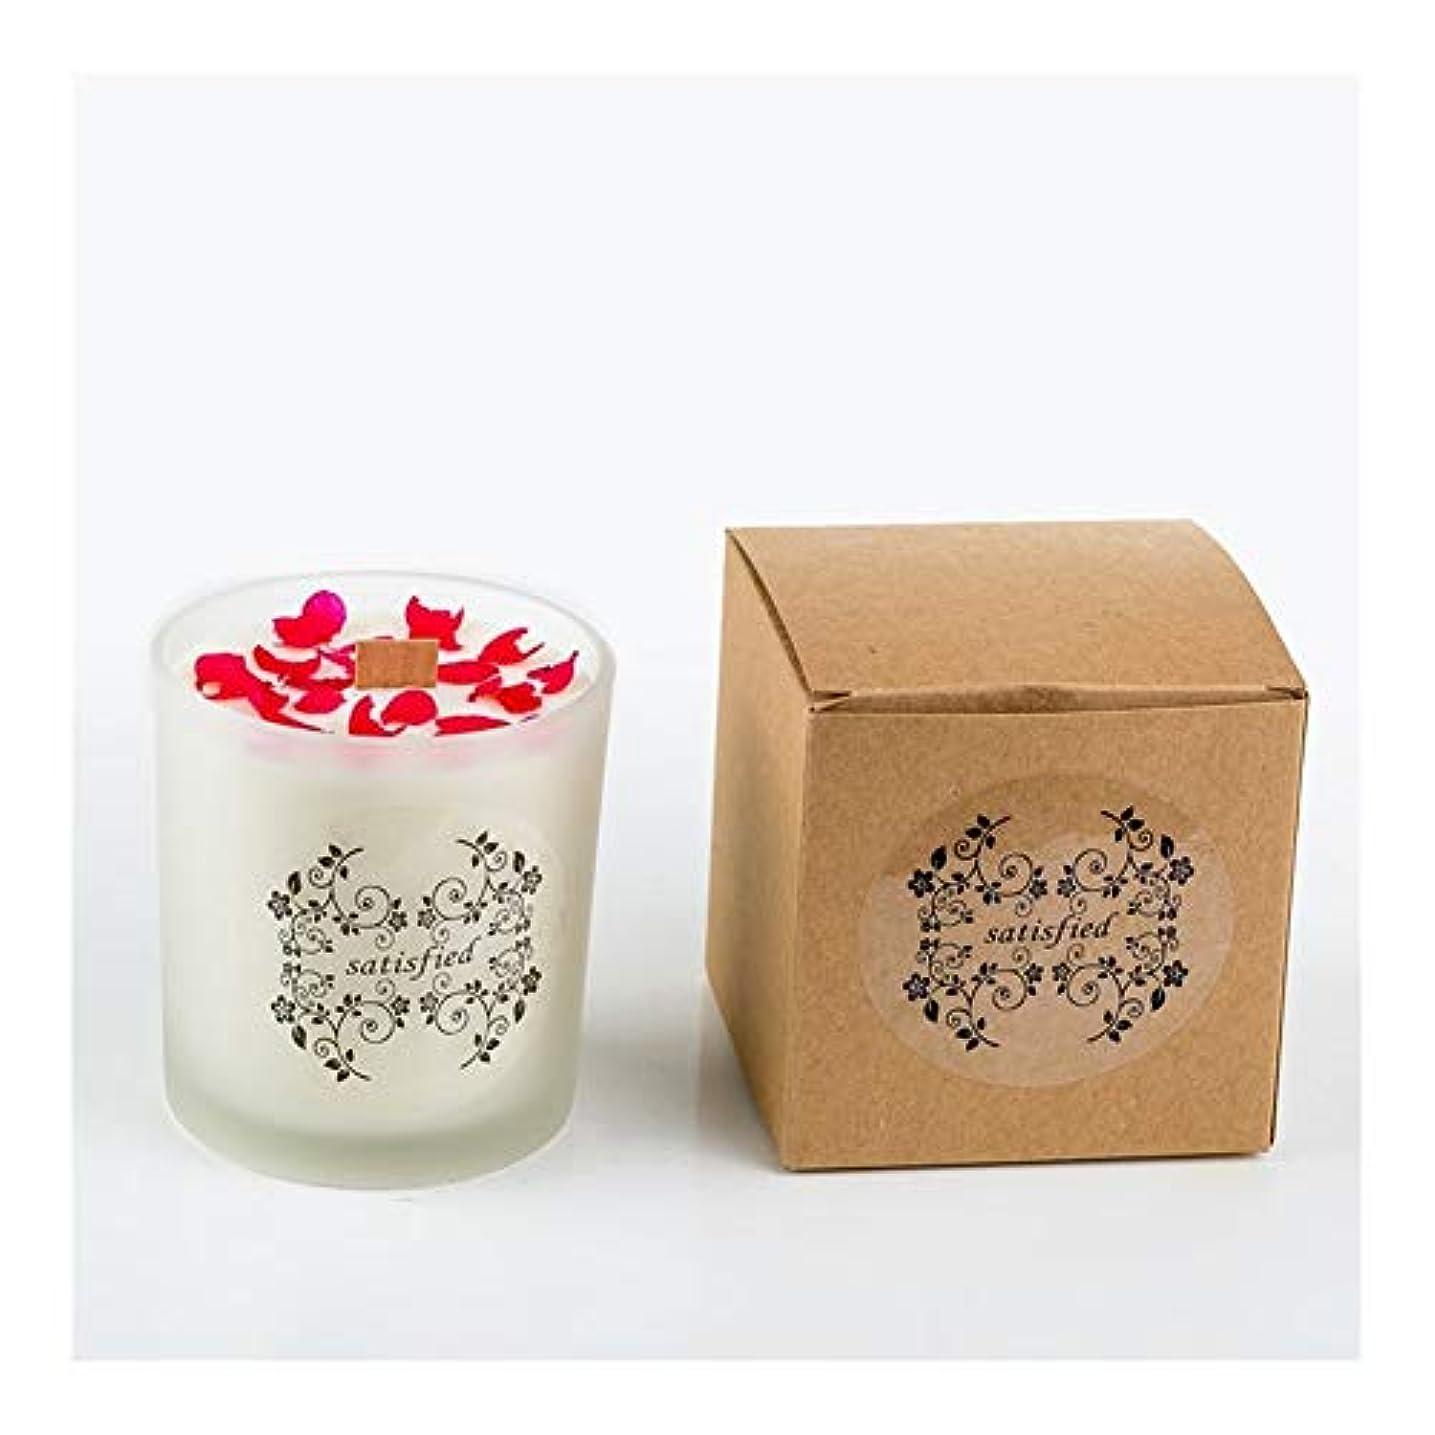 柔らかい足首資格Ztian ロマンチックな香りのキャンドルエッセンシャルオイル大豆ワックスガラスアロマセラピーロマンチックな誕生日ギフトの提案無煙の香り (色 : Xiang Xuelan)